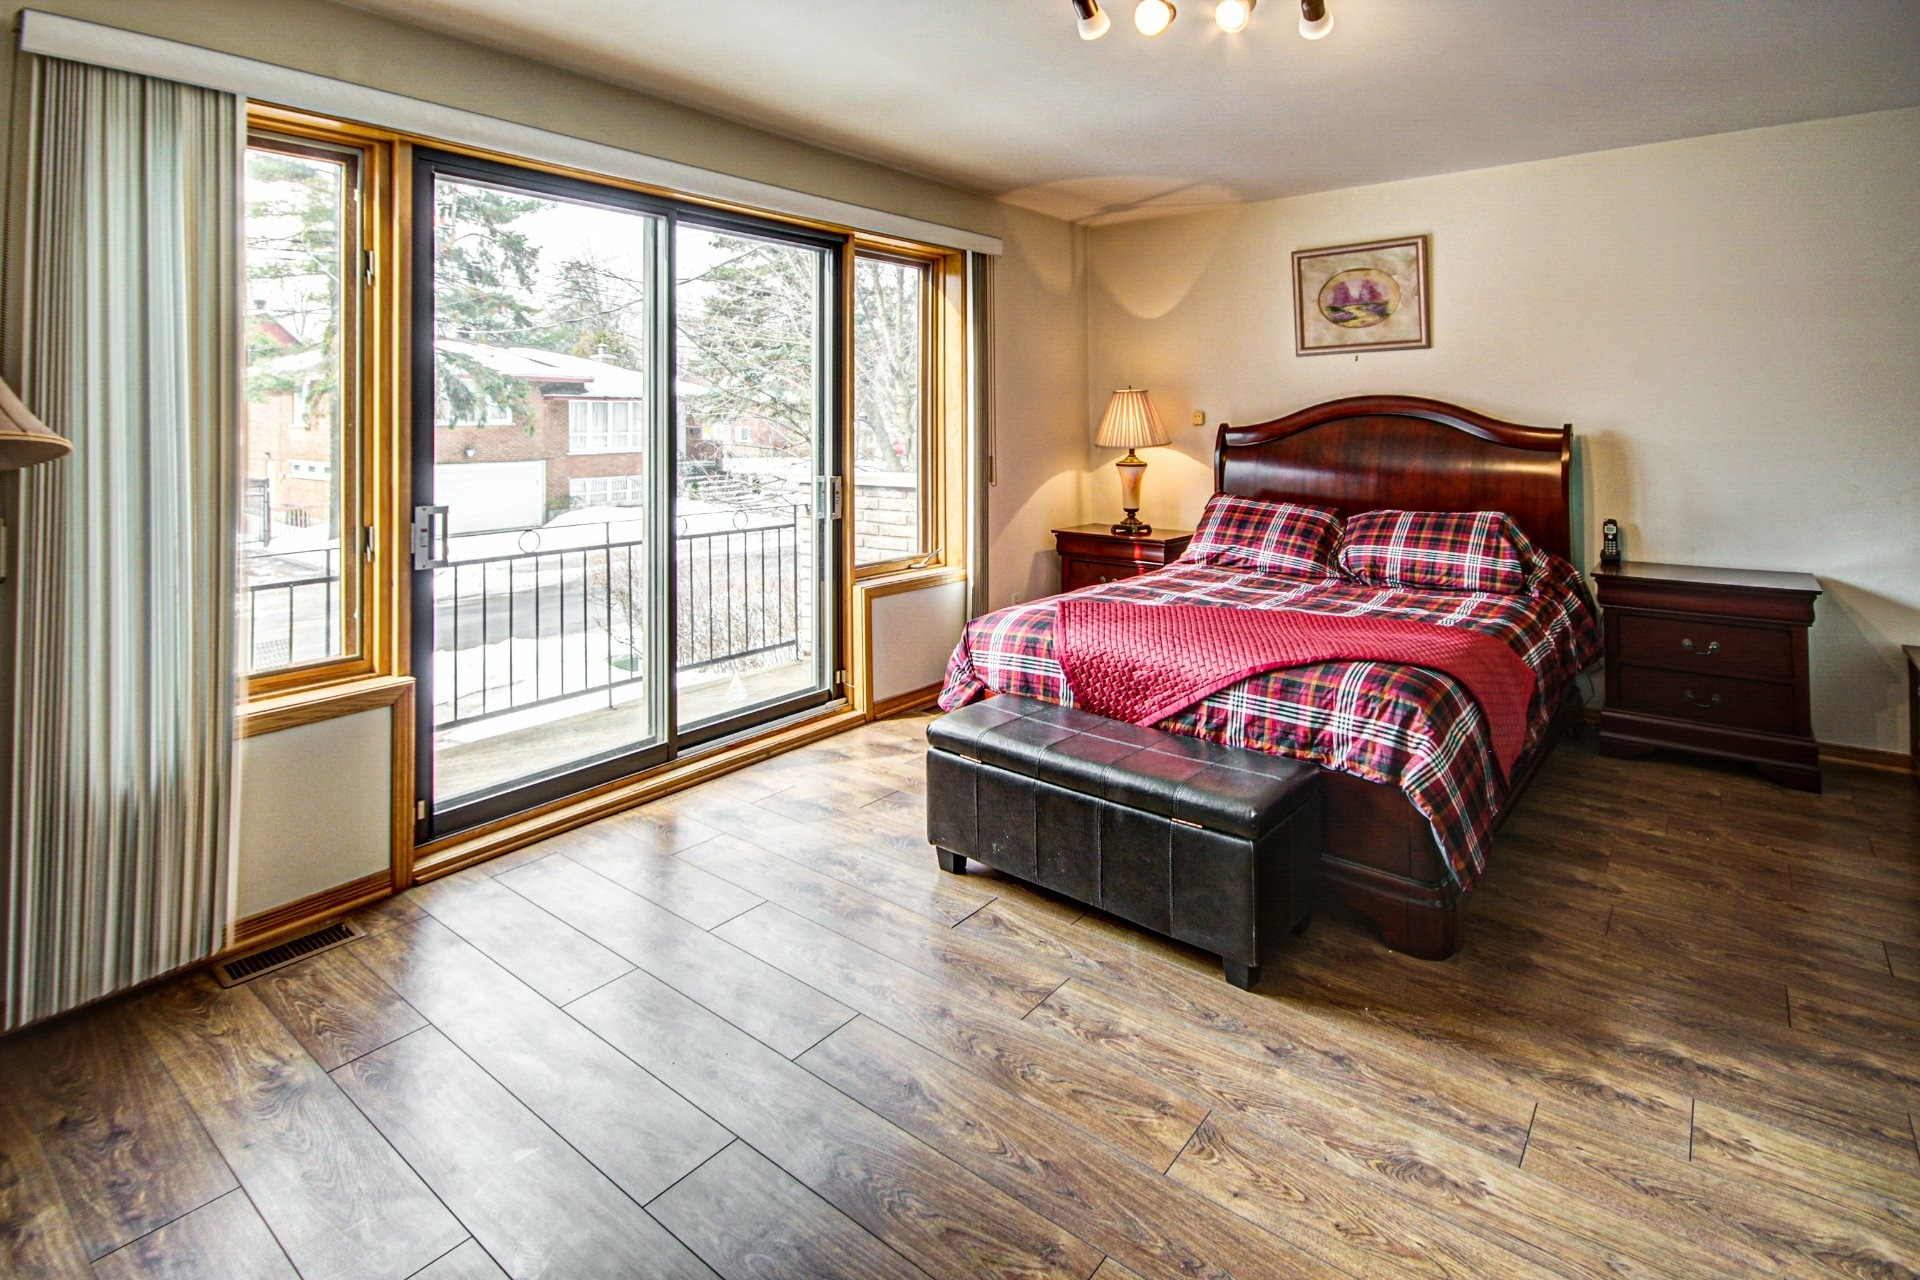 image 16 - Maison À vendre Côte-des-Neiges/Notre-Dame-de-Grâce Montréal